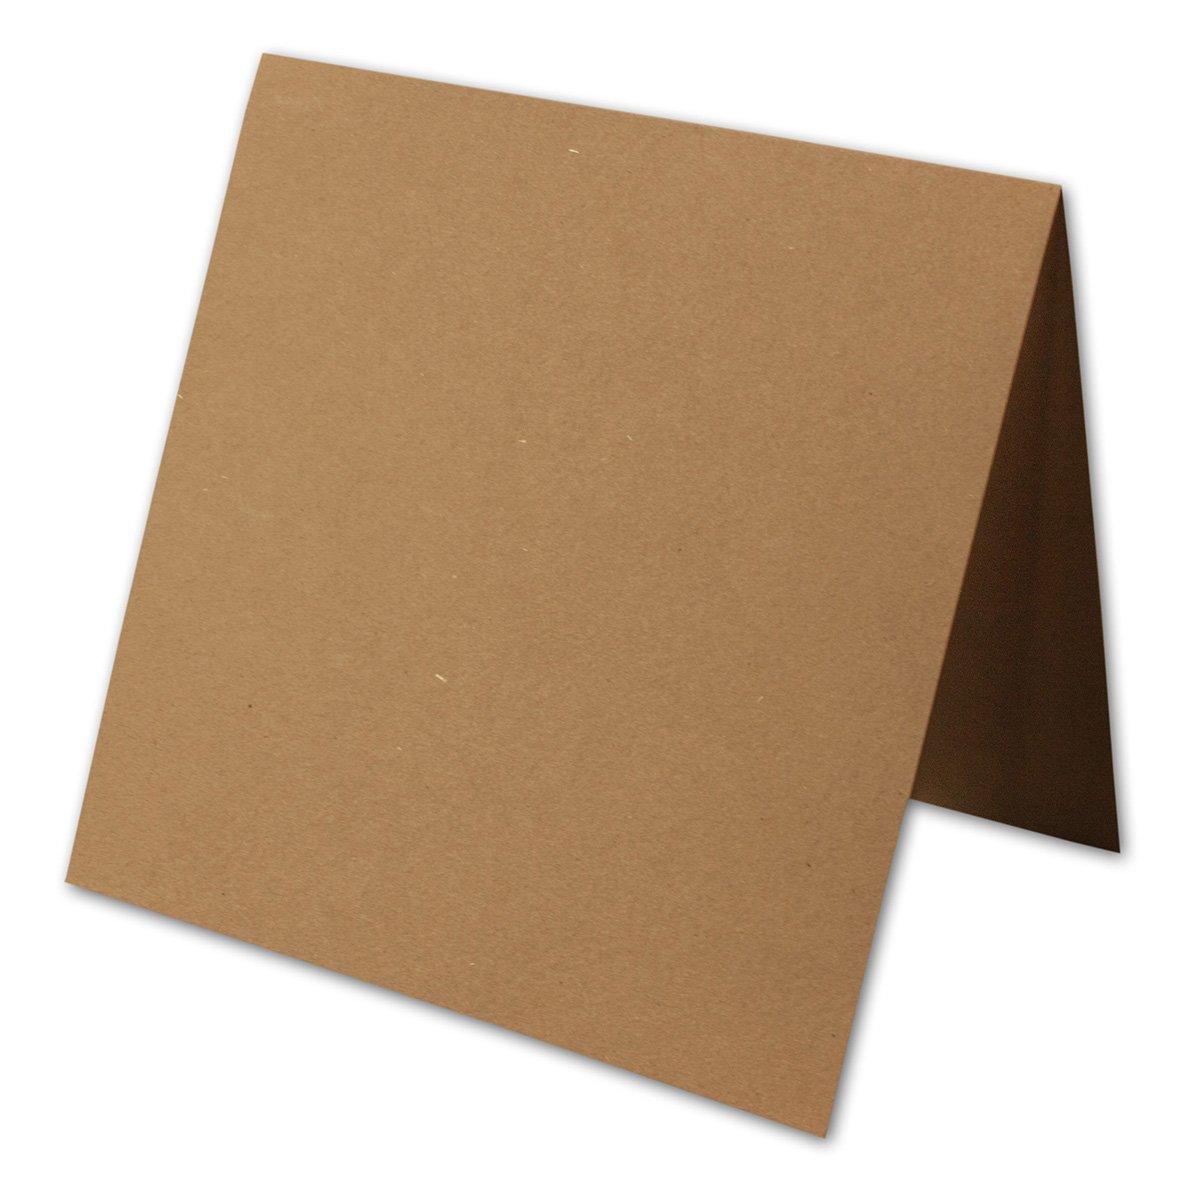 50 Stück    Artoz Grün-Line Doppelkarten    Quadratisch, 310 x 155mm, Farbe  grocer kraft B00V885HBA | Outlet Store